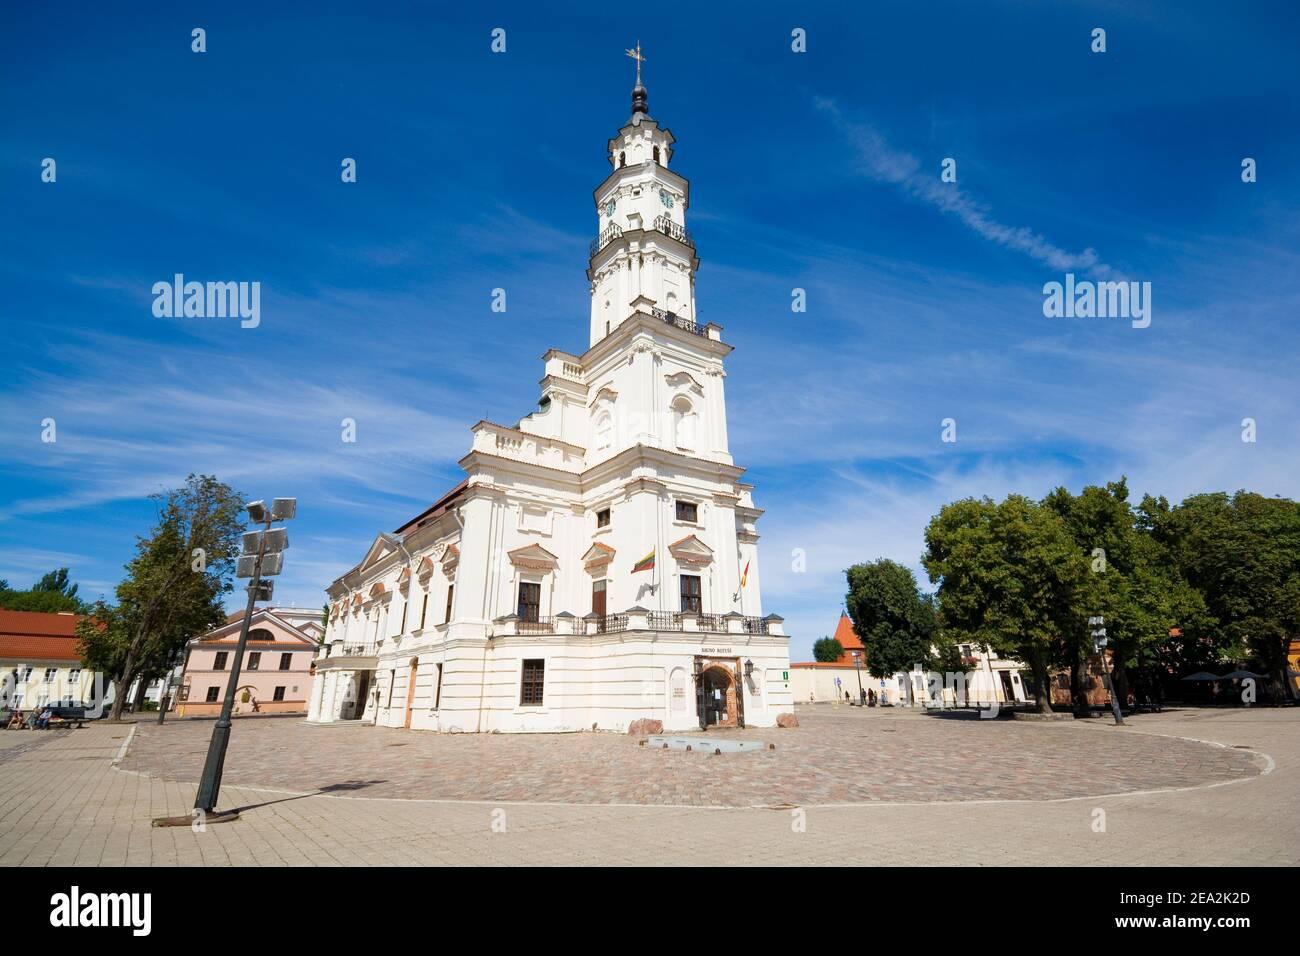 Edificio storico del Municipio di Kaunas chiamato 'il cigno bianco', Lituania Foto Stock